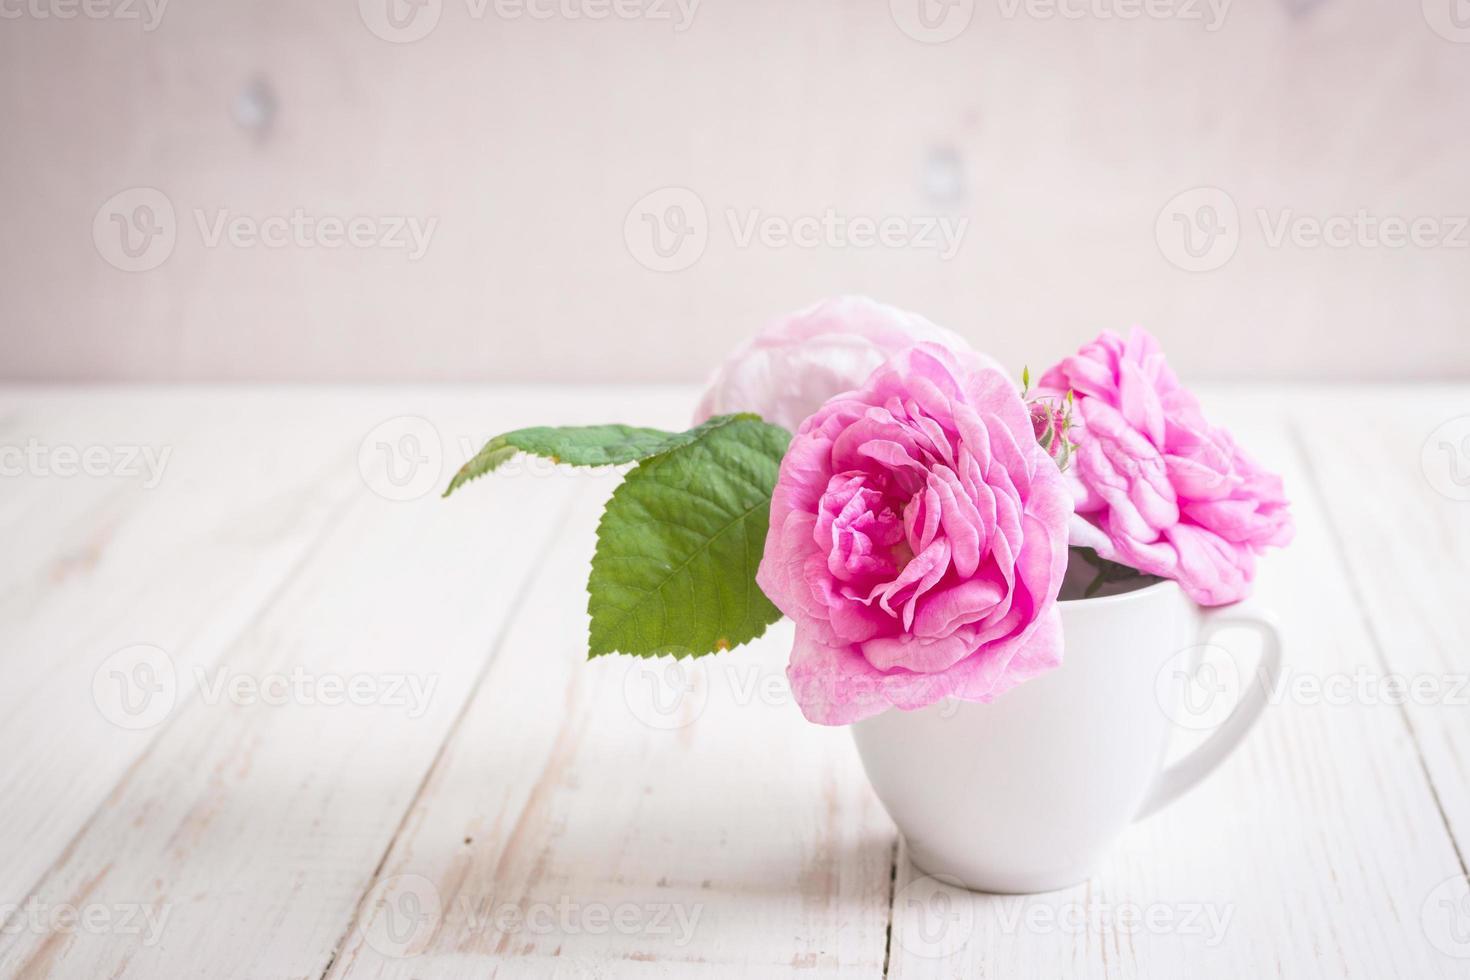 rosas cor de rosa em um fundo branco de madeira foto